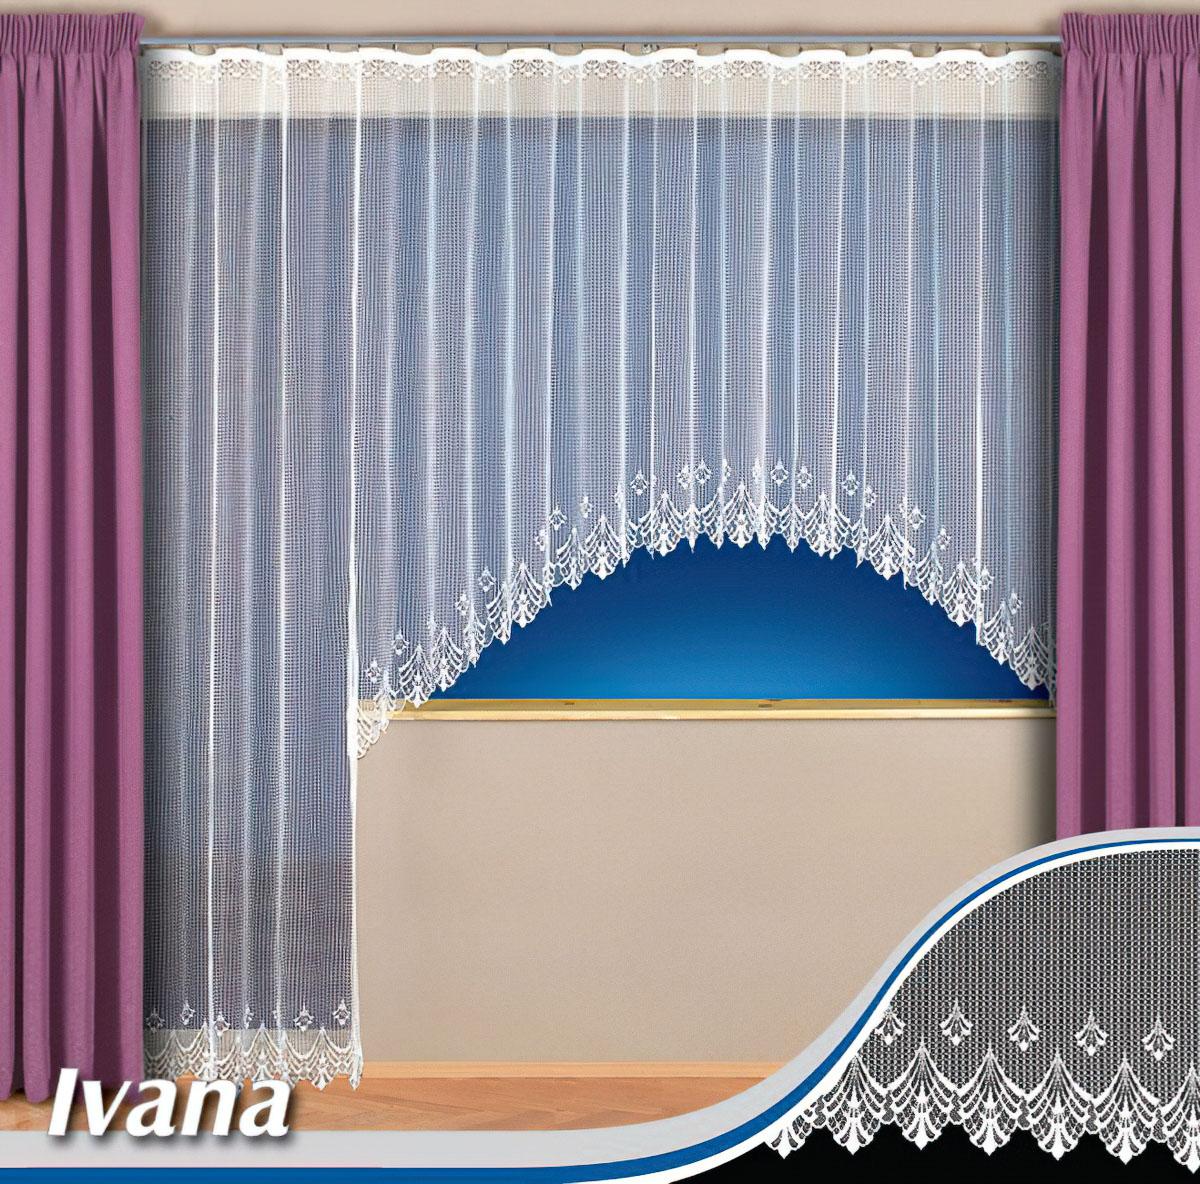 Tylex kusová záclona IVANA jednobarevná bílá, výška 250 cm x šířka 200 cm (na dveře)